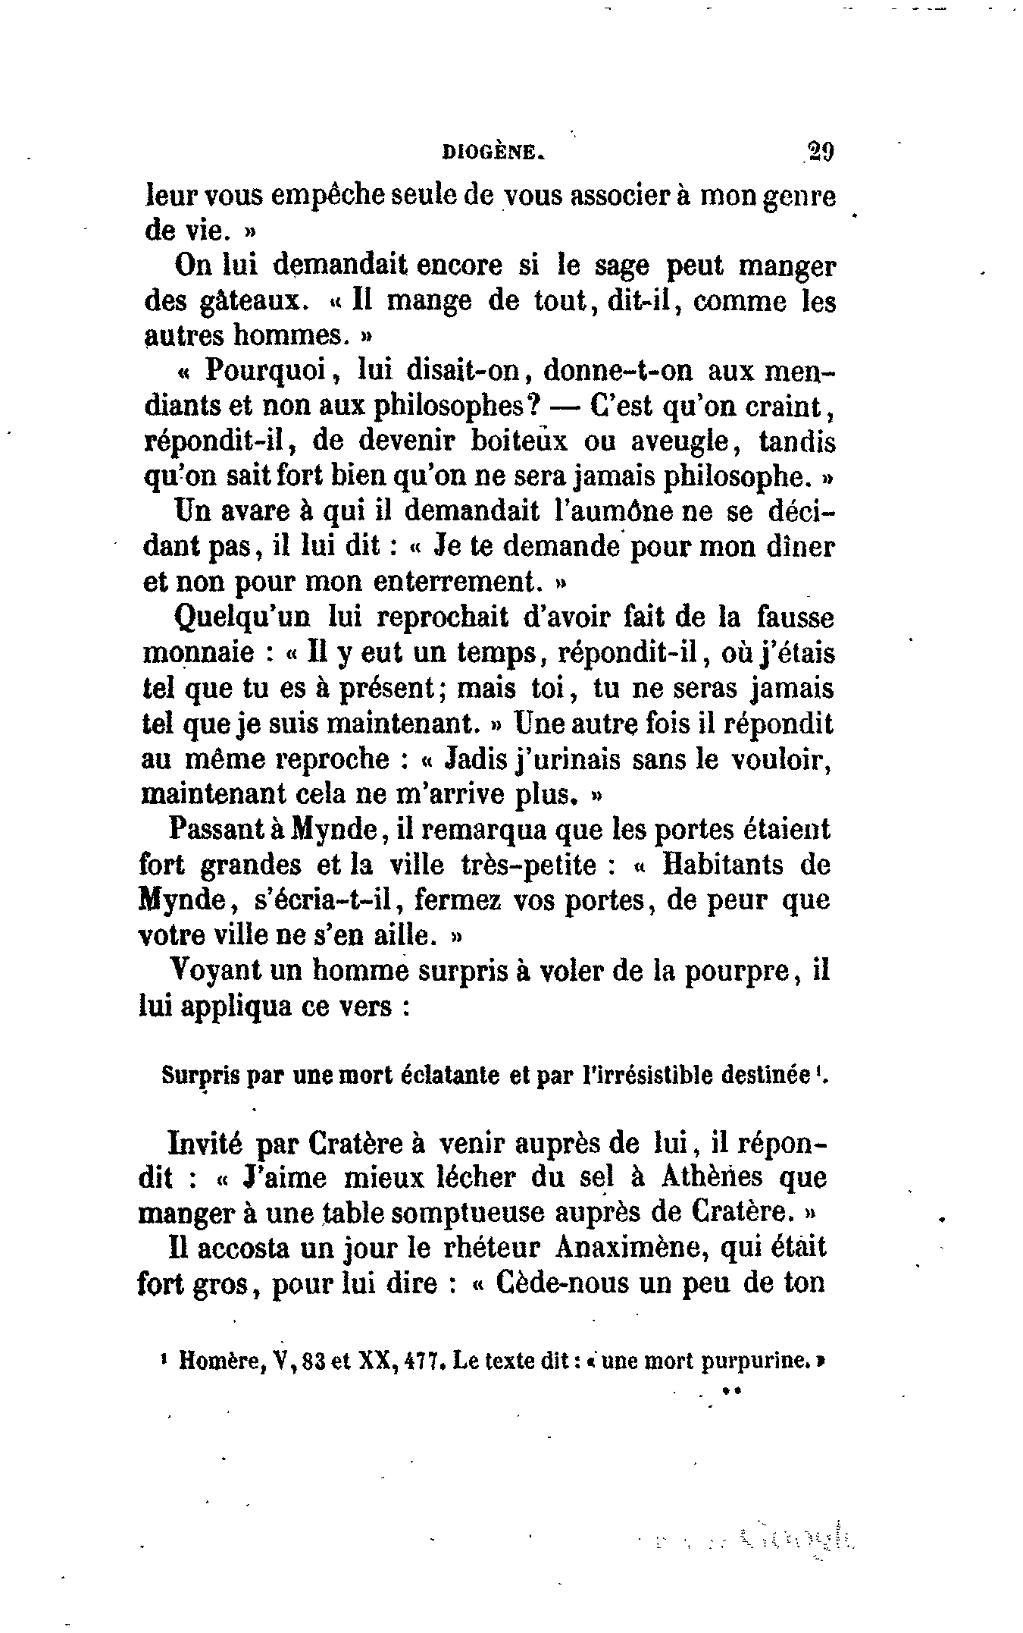 Texte Philosophique Sur La Mort : texte, philosophique, Page:Diogène, Laërce, Doctrines, Philosophes, L'Antiquité,, Trad., Zévort.djvu/313, Wikisource